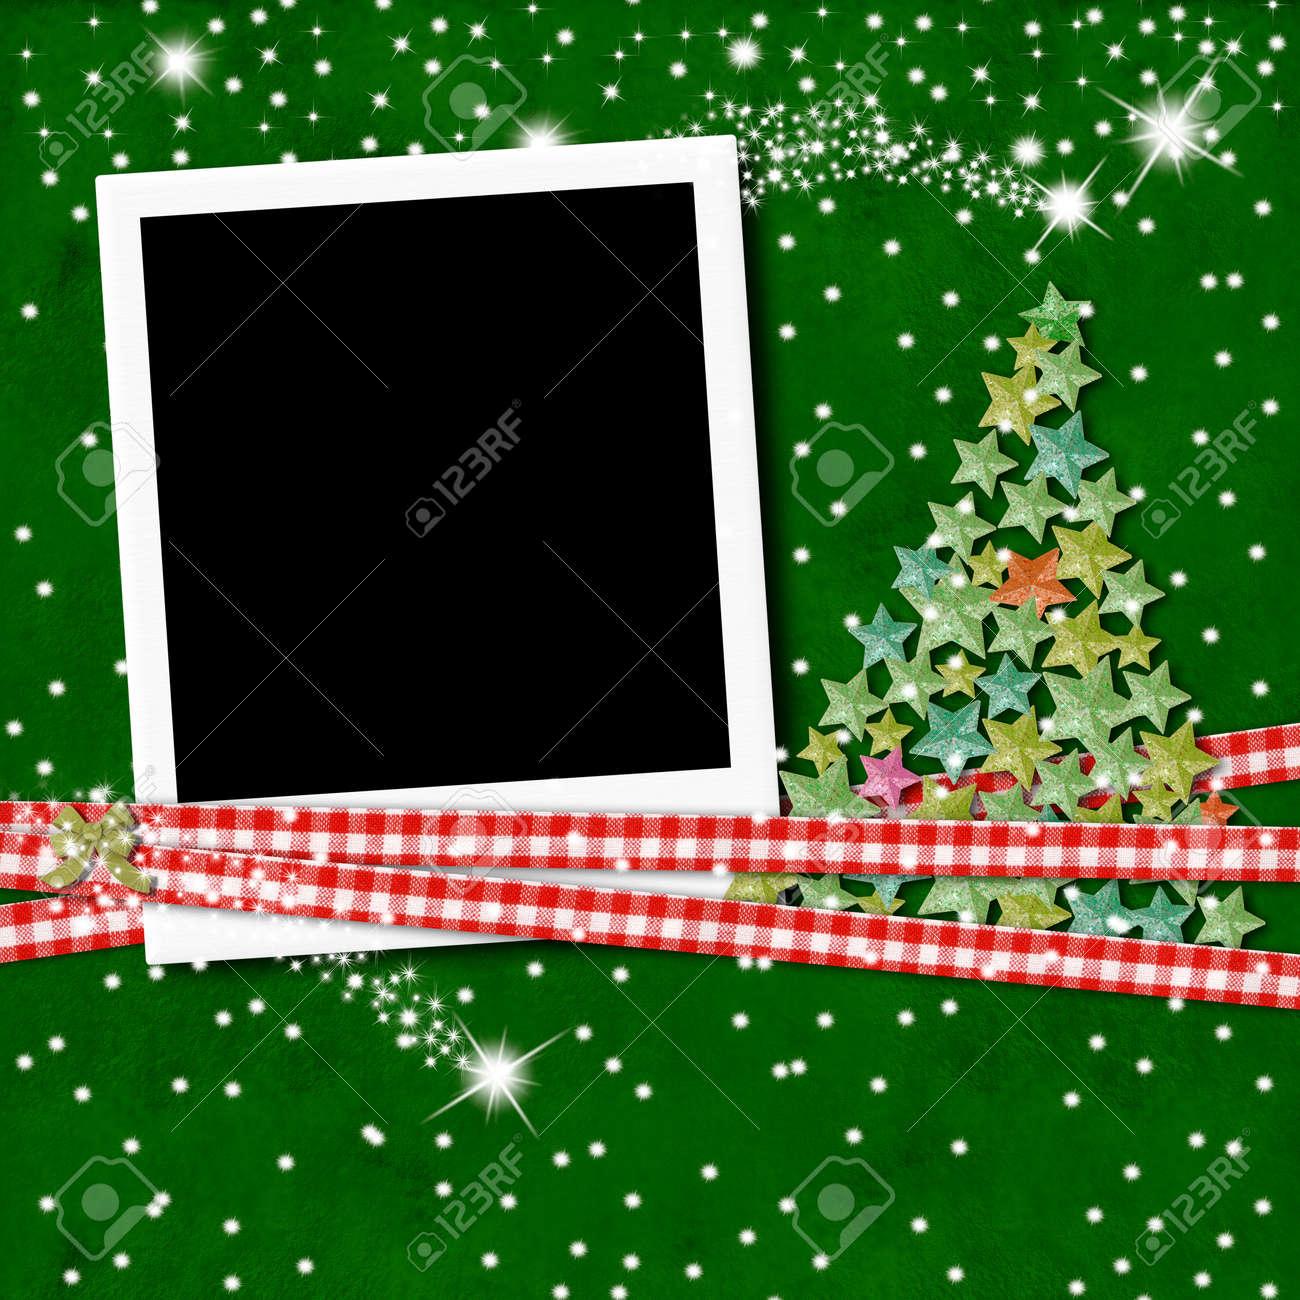 Weihnachts-Fotorahmen In Leere Für Scrapbooking Lizenzfreie Fotos ...